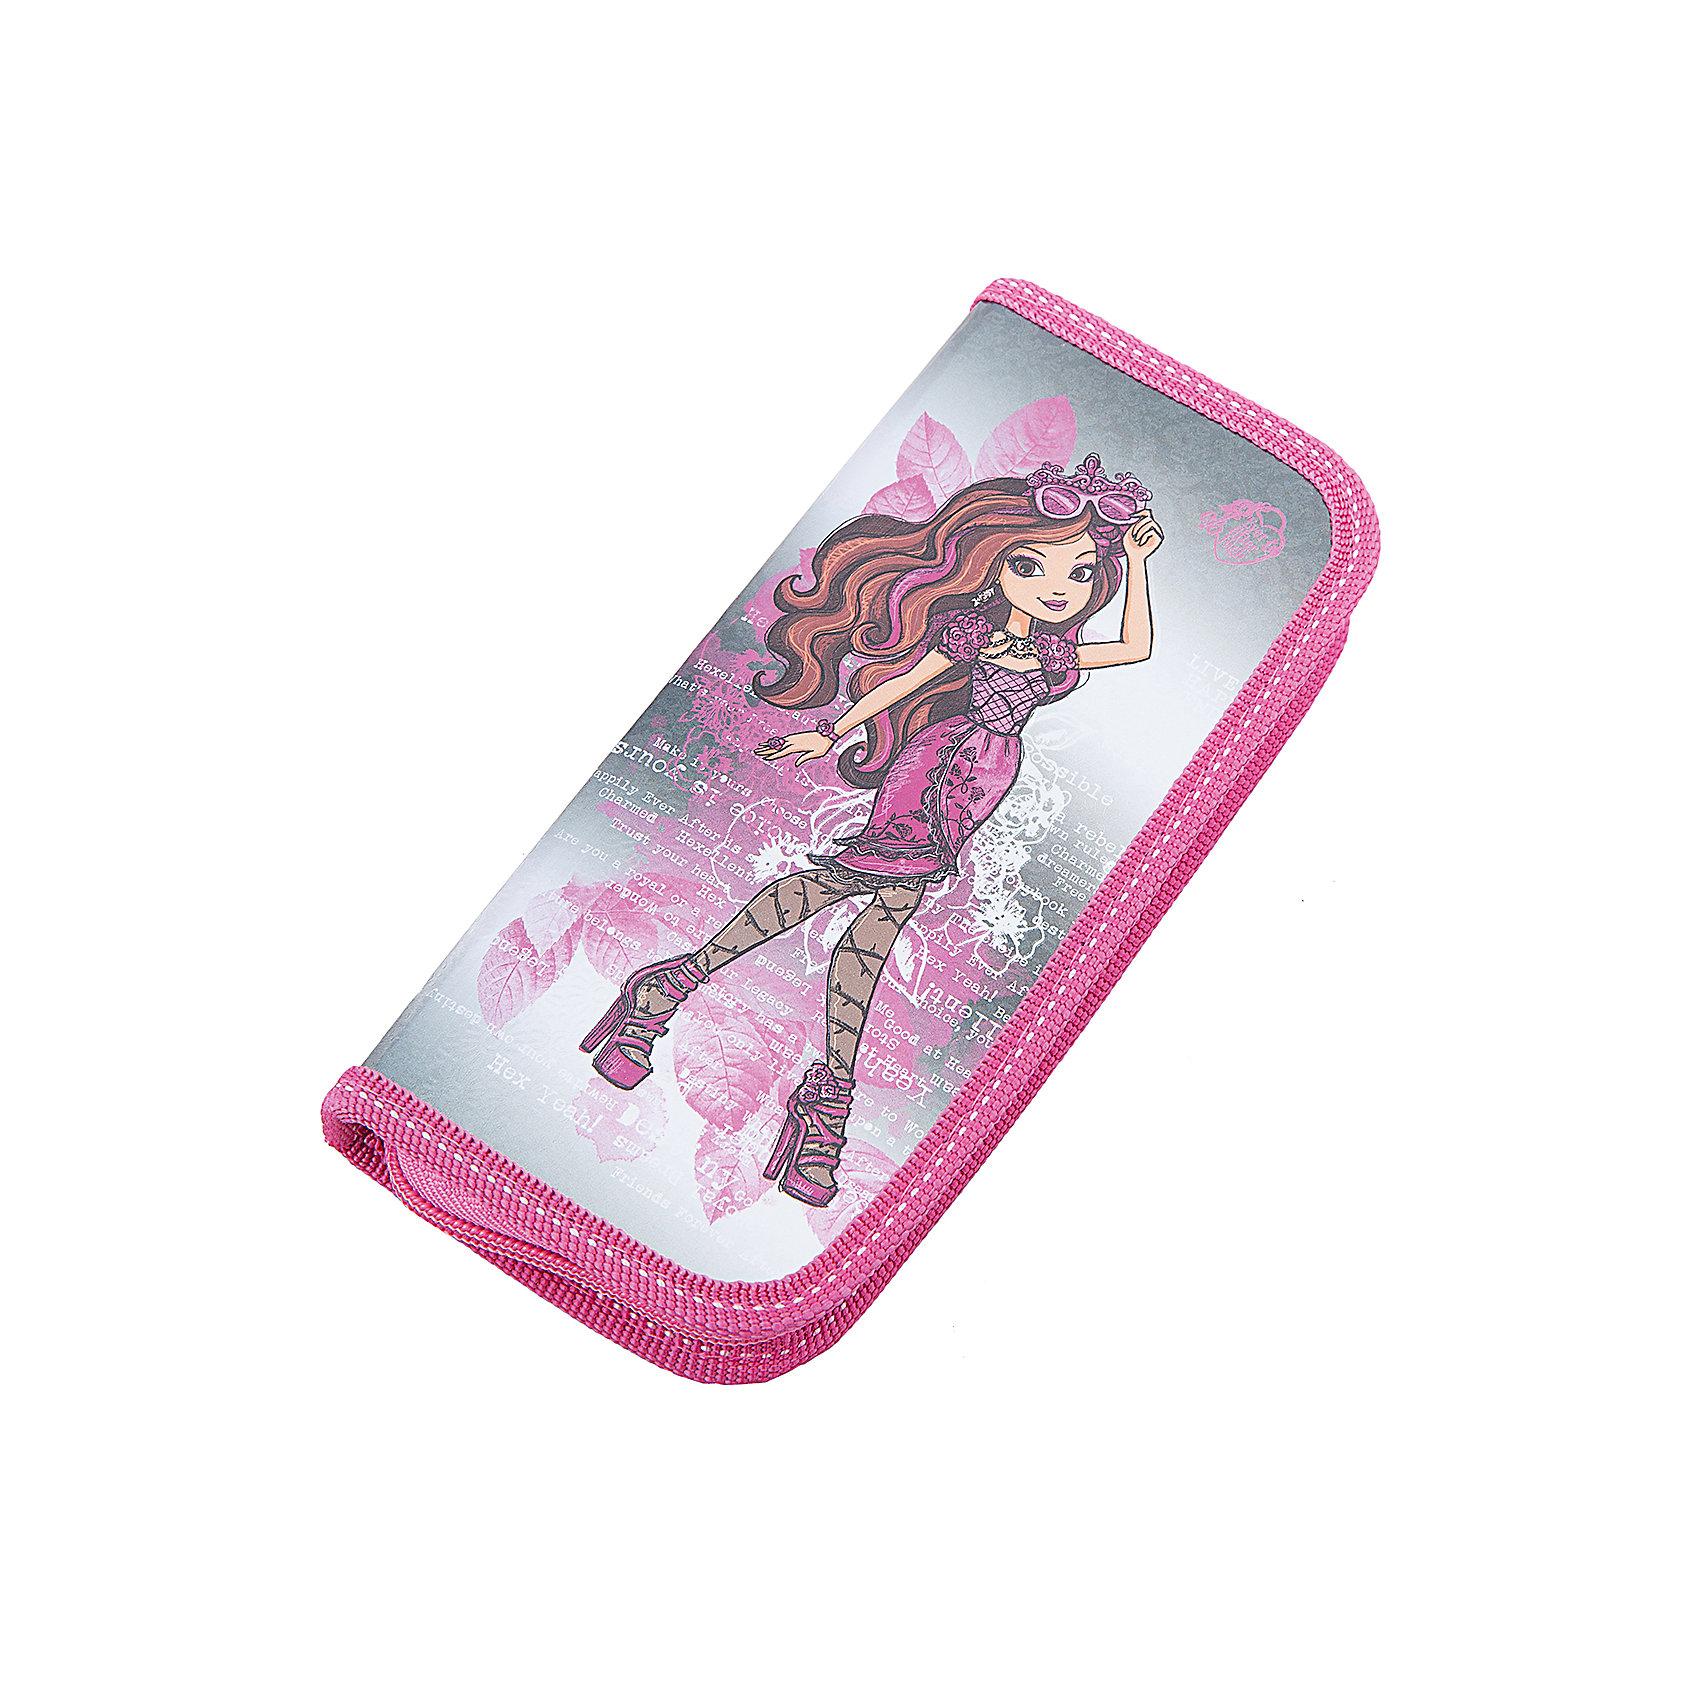 Пенал, Ever After High, Mattel, цвет серебро-розовый